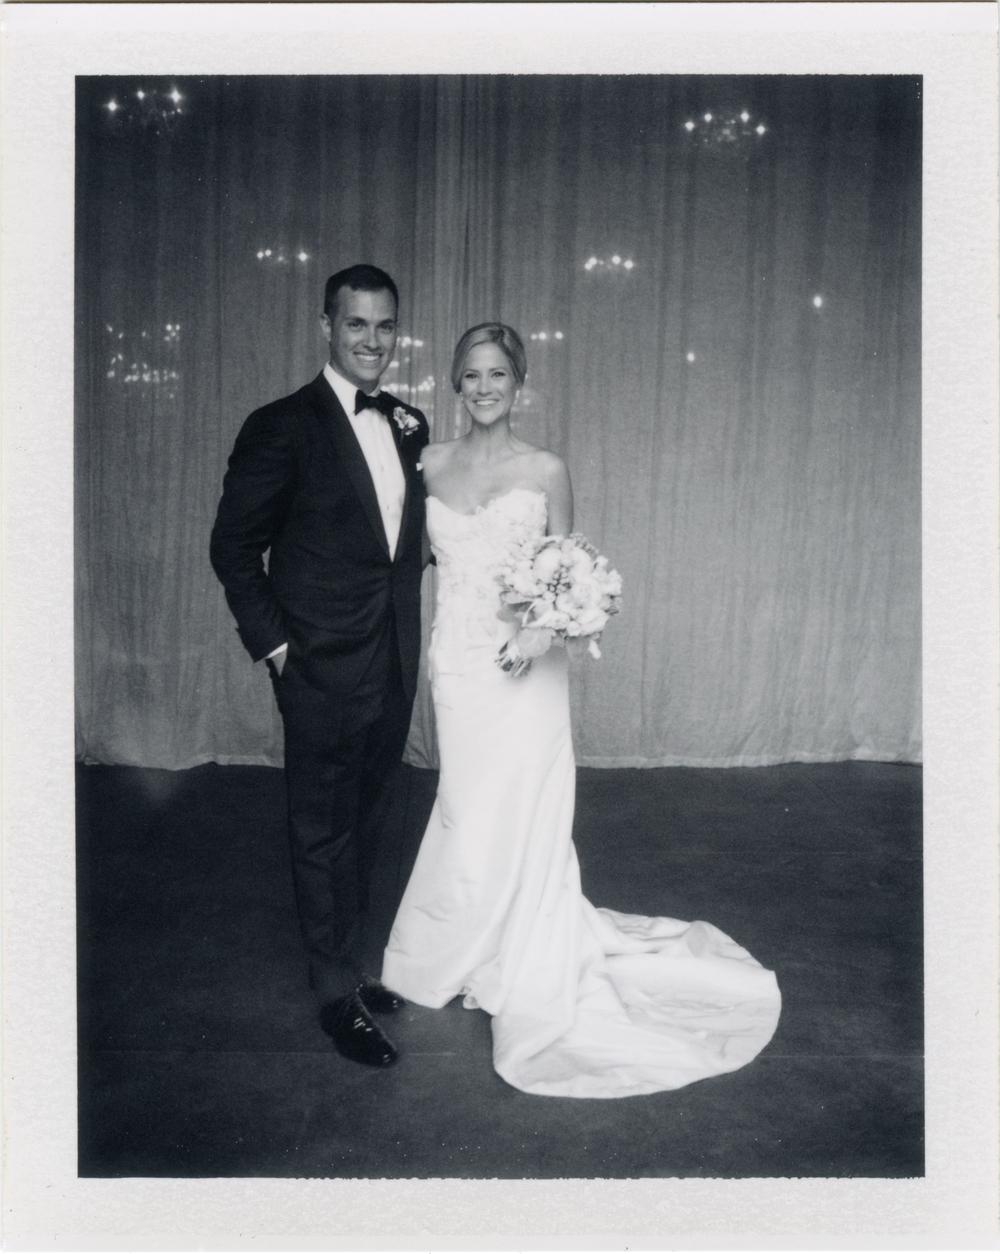 FredKellyWed Polaroid 004.jpg